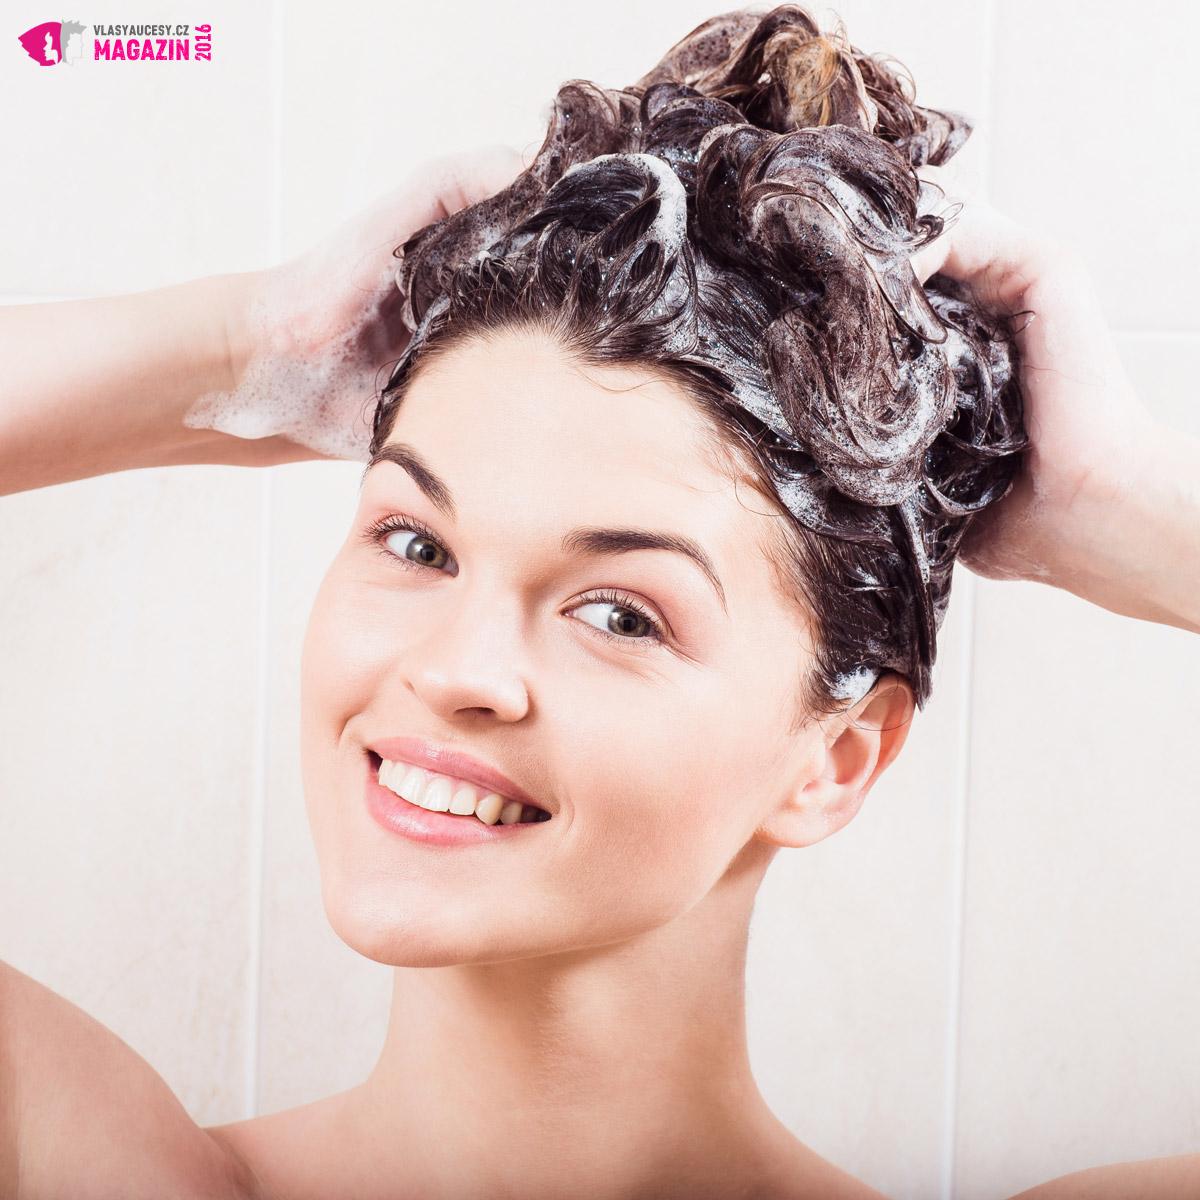 Pokud máte akné ve vlasech tak šampon na vlasy používejte denně. Snížíte množství mastnoty ve vlasech a zároveň i pravděpodobnost vzniku akné na vlasové pokožce.